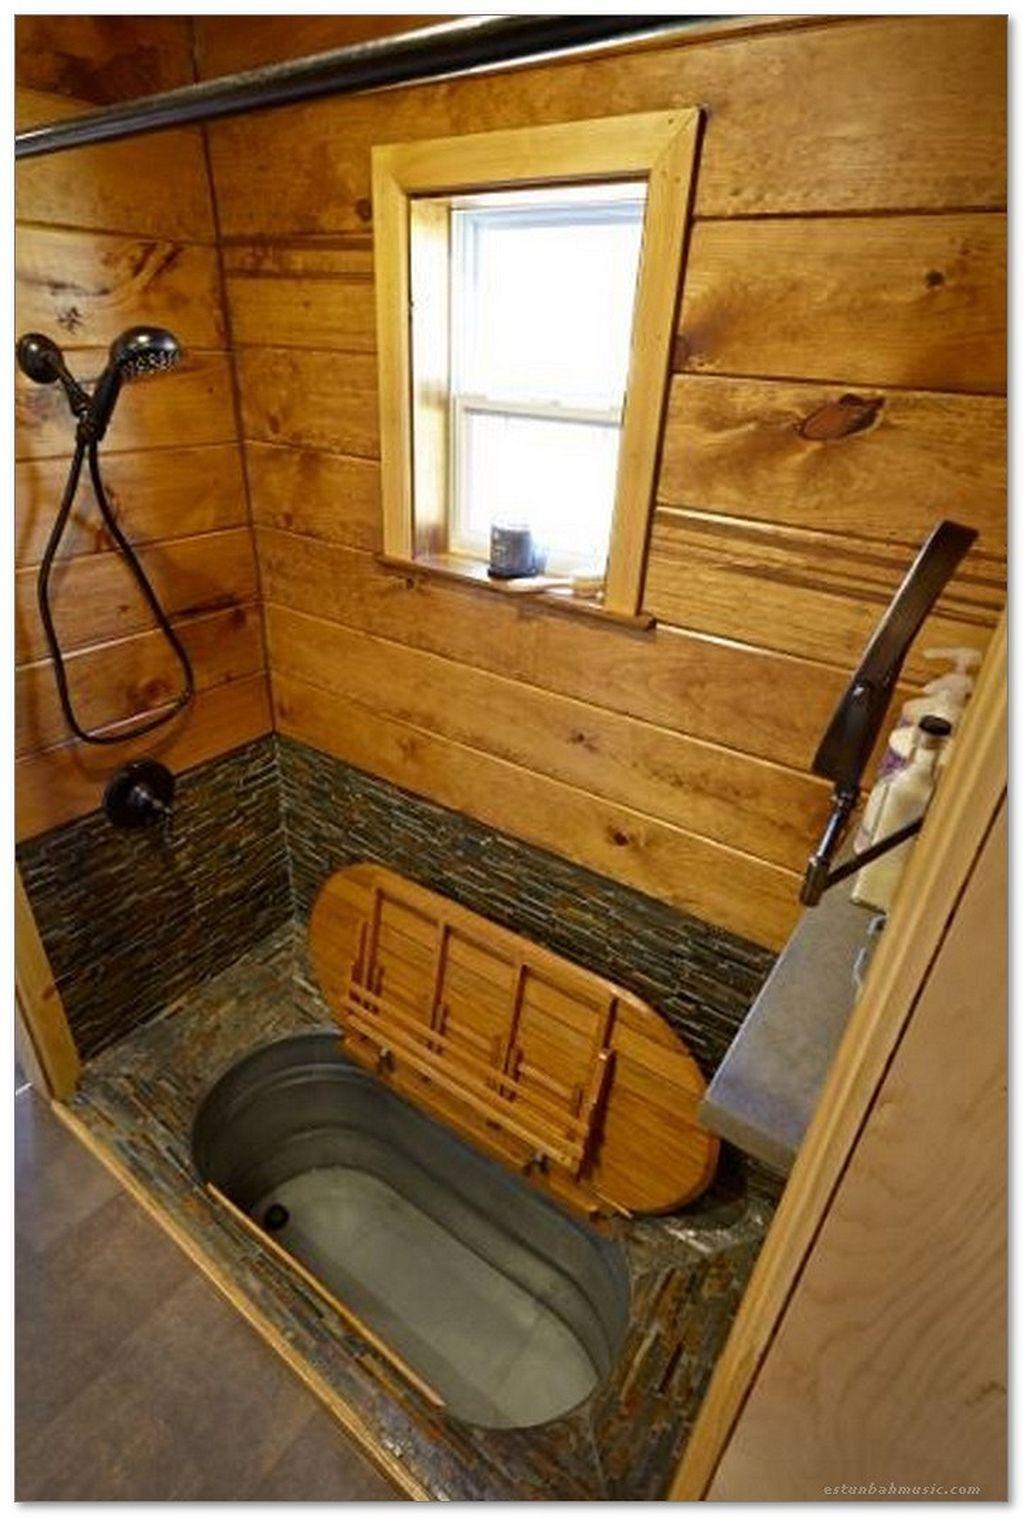 20 tiny house bathtub small space ideas | rustic farmhouse ideas